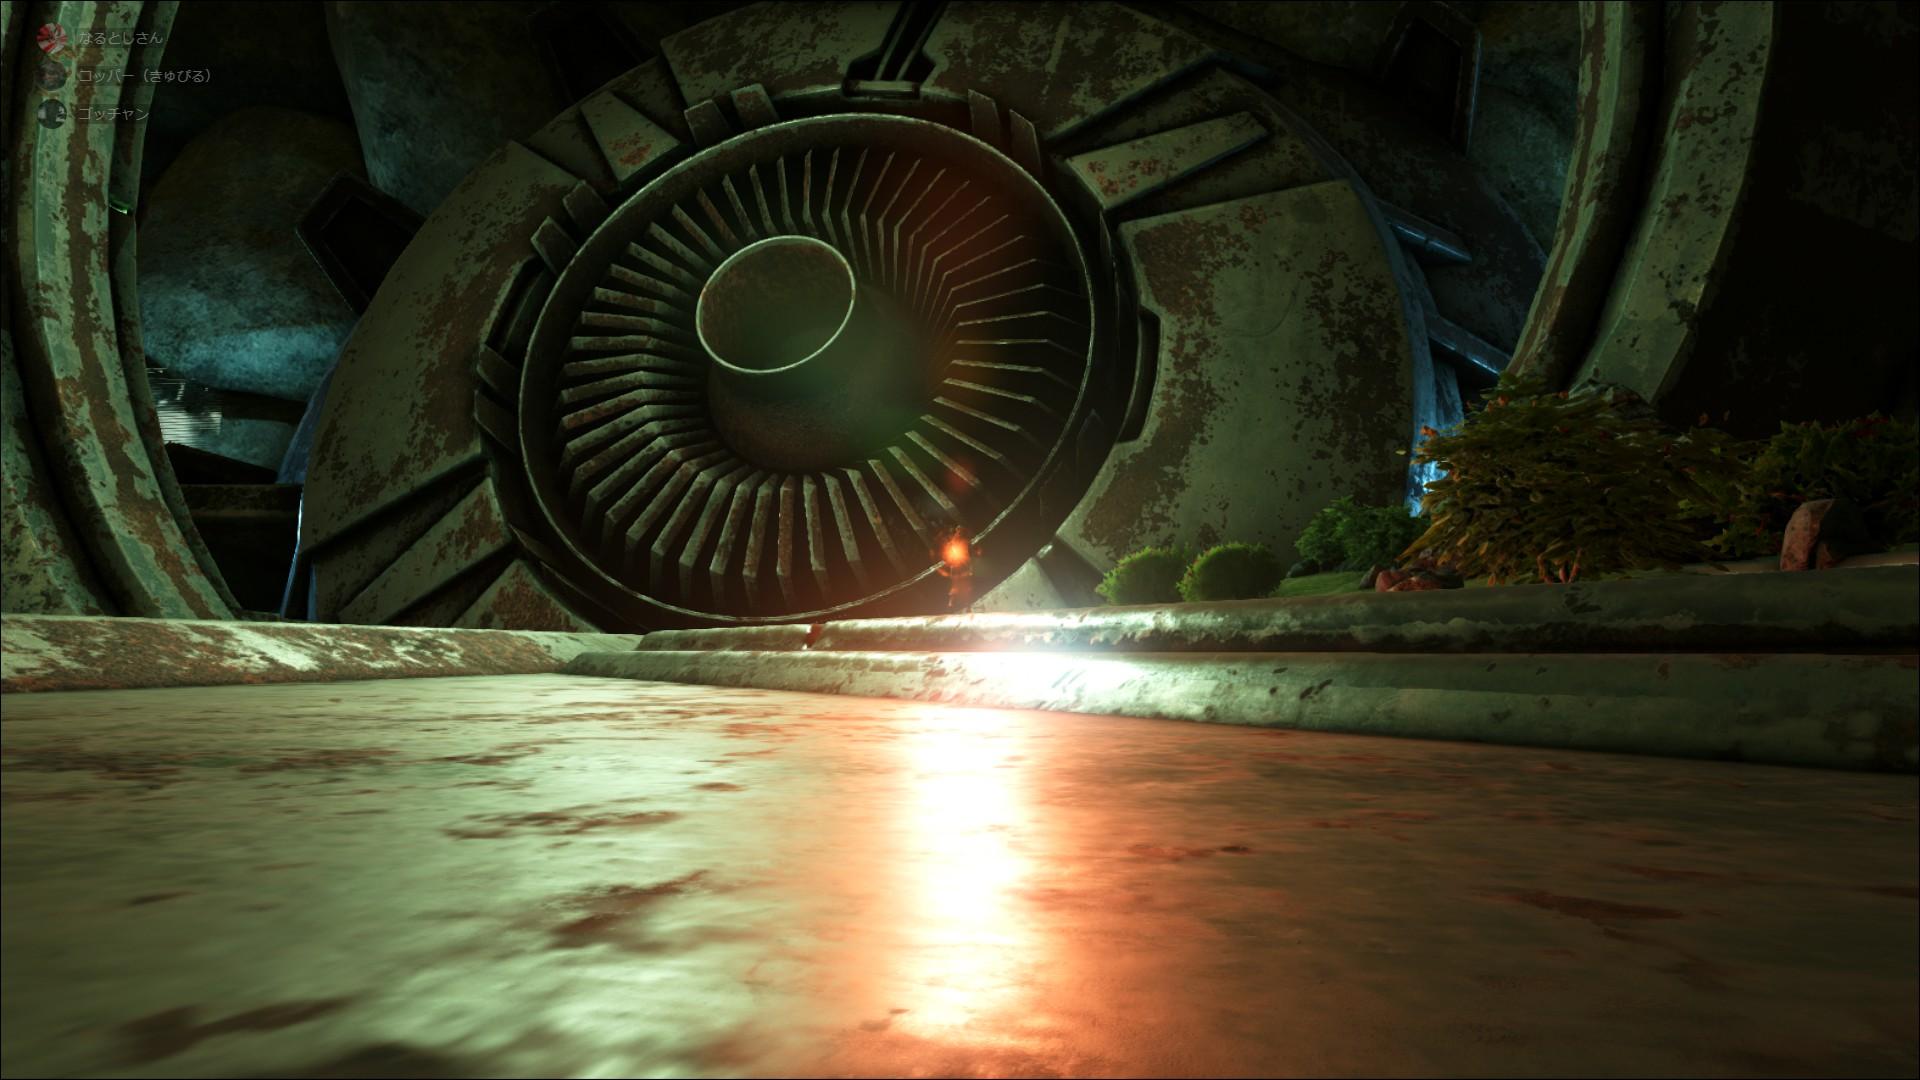 アベ レーション バルゲロ エリア Ark ARK【PS4】バルゲロのアベレーションエリアでバルブドッグをテイム